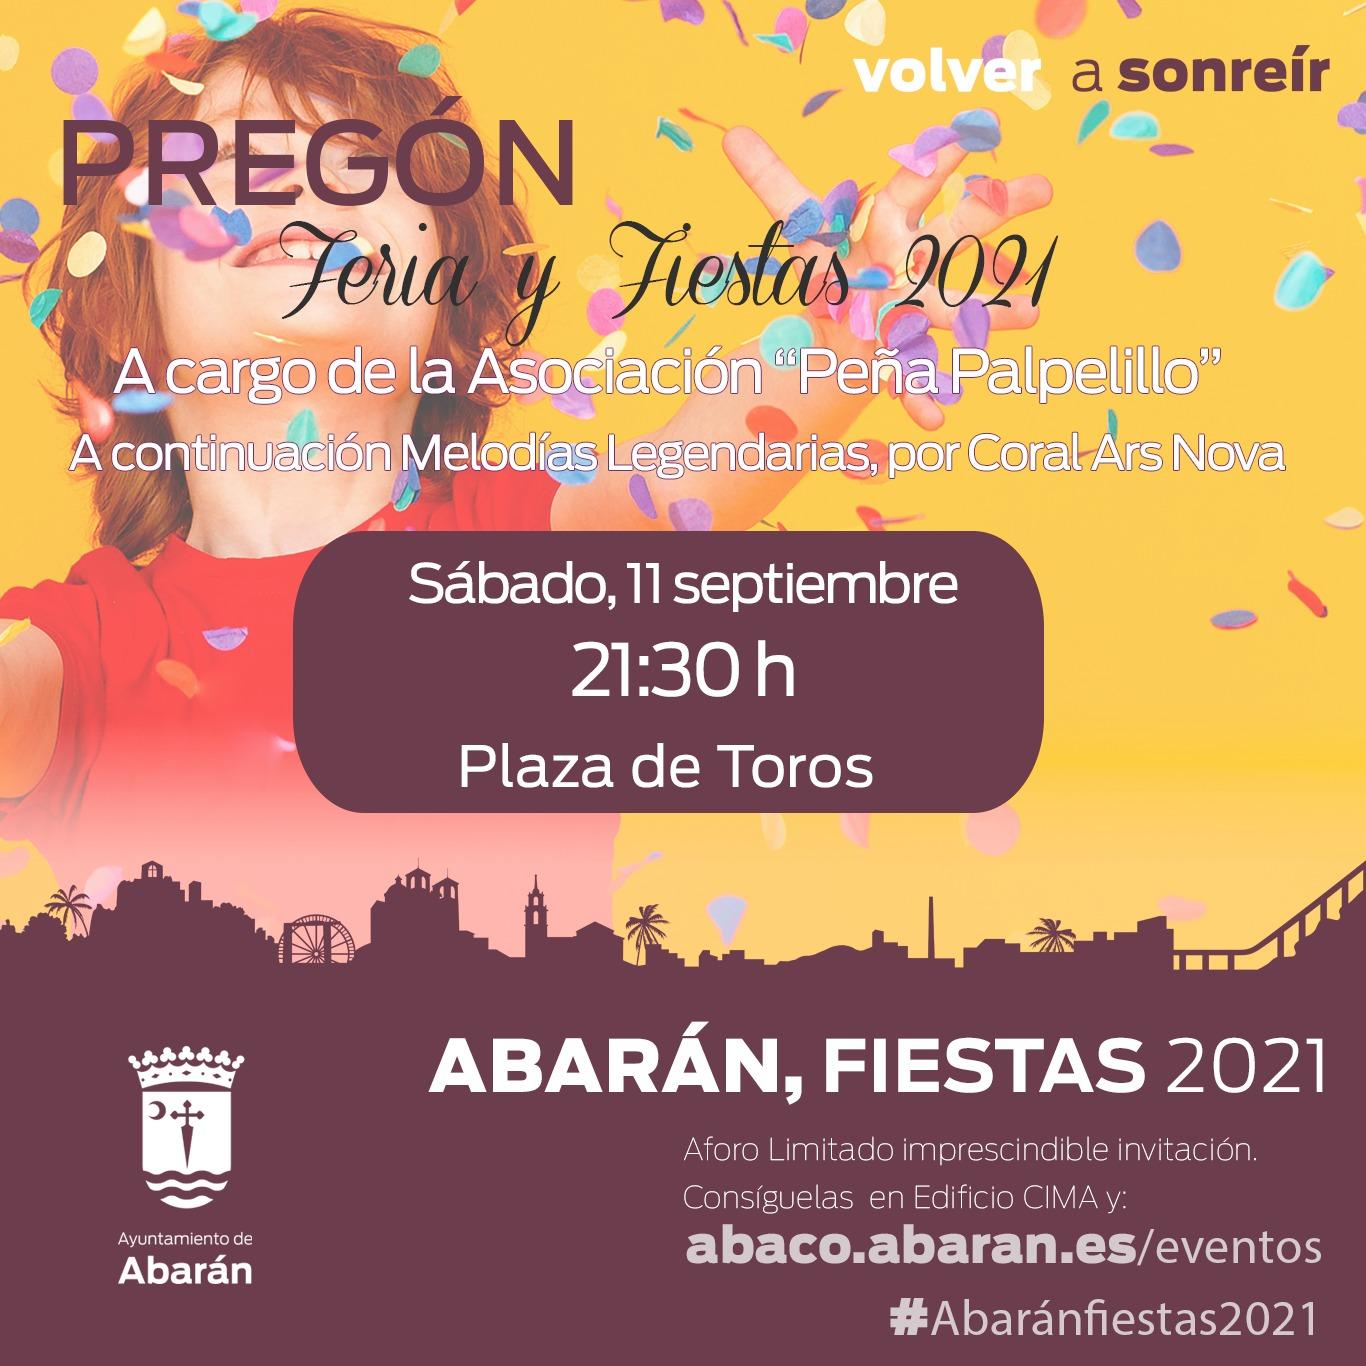 Cartel Pregón Feria y Fiestas 2021